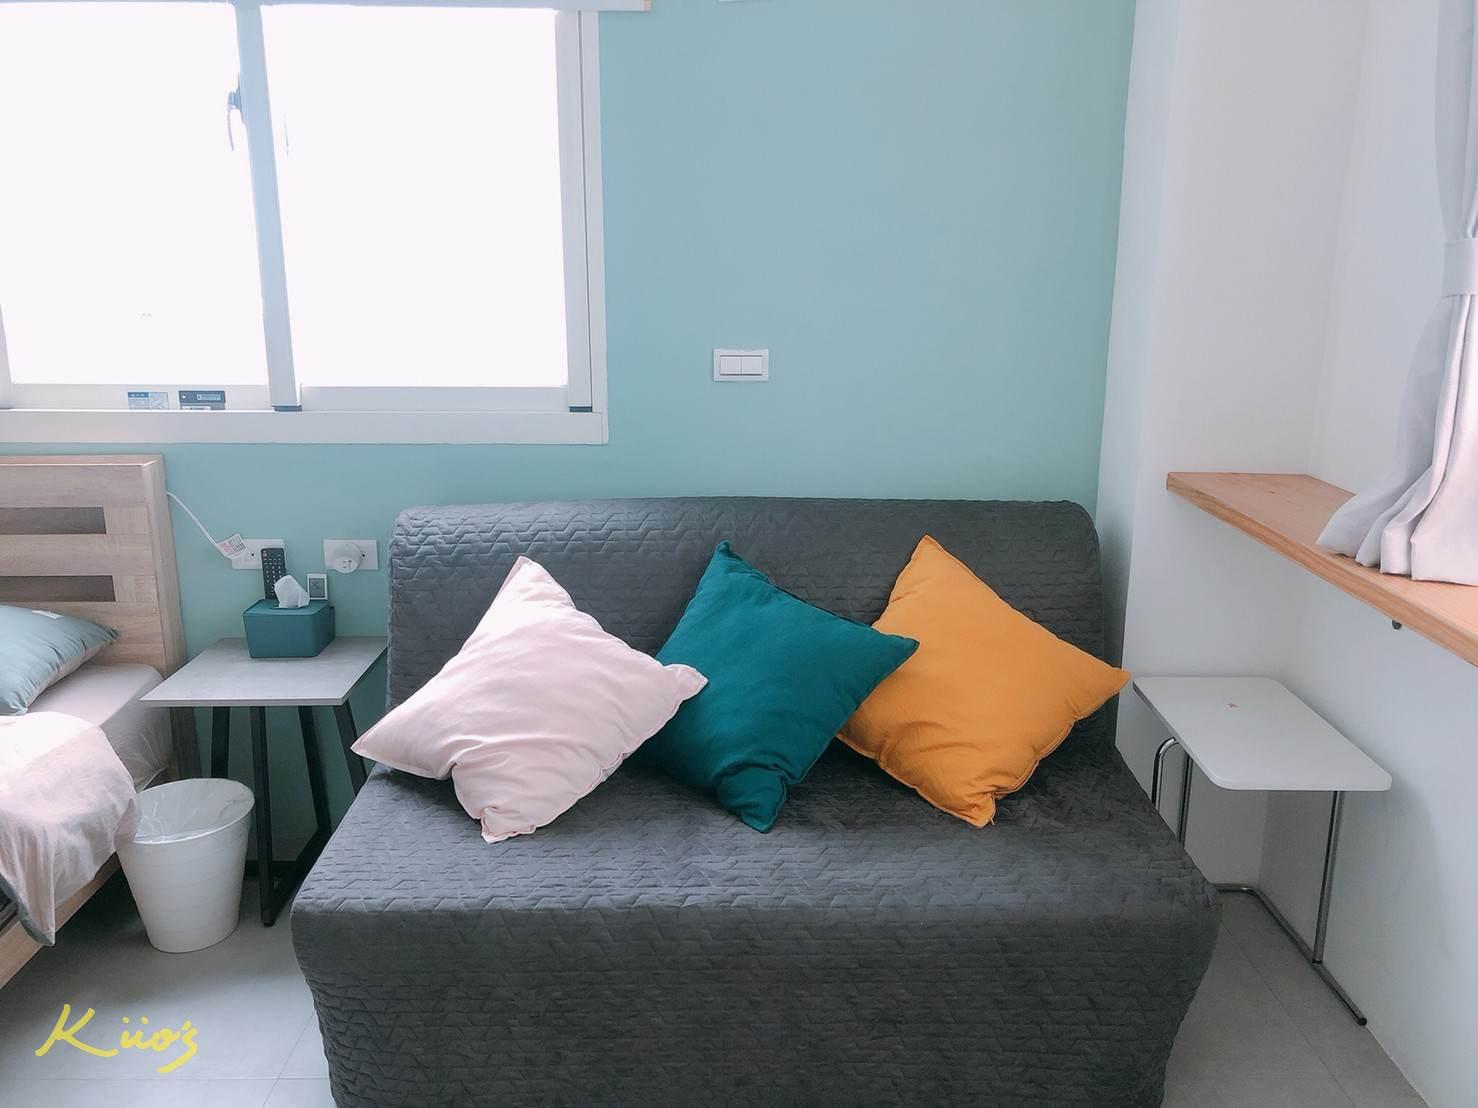 【2020綠島住宿推薦】綠島放個假民宿-小清新風格、設計感、熱情小幫手